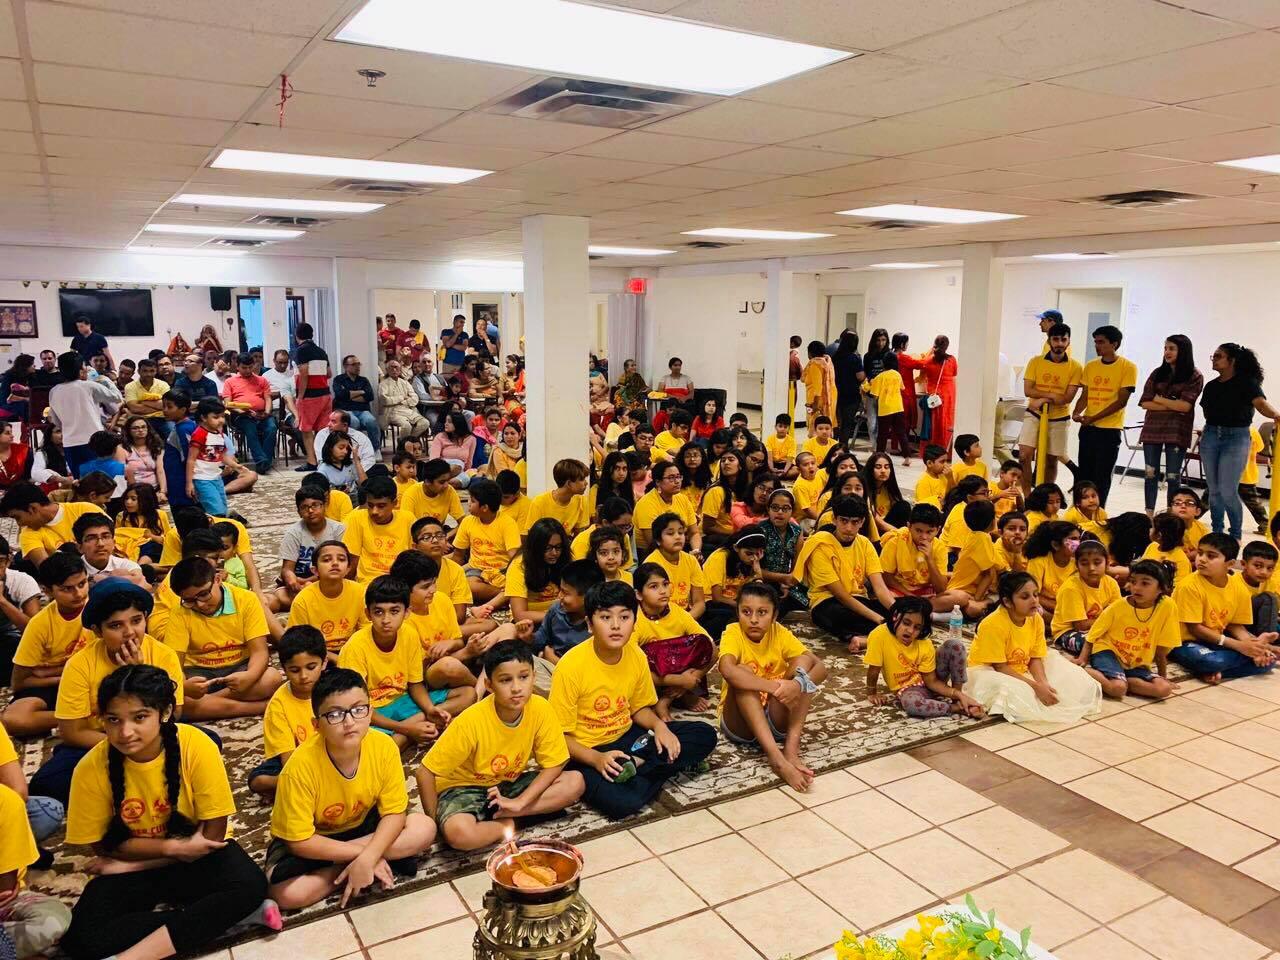 डालसमा बालबालिकाहरुका लागि आध्यात्मिक शिविर शुरु